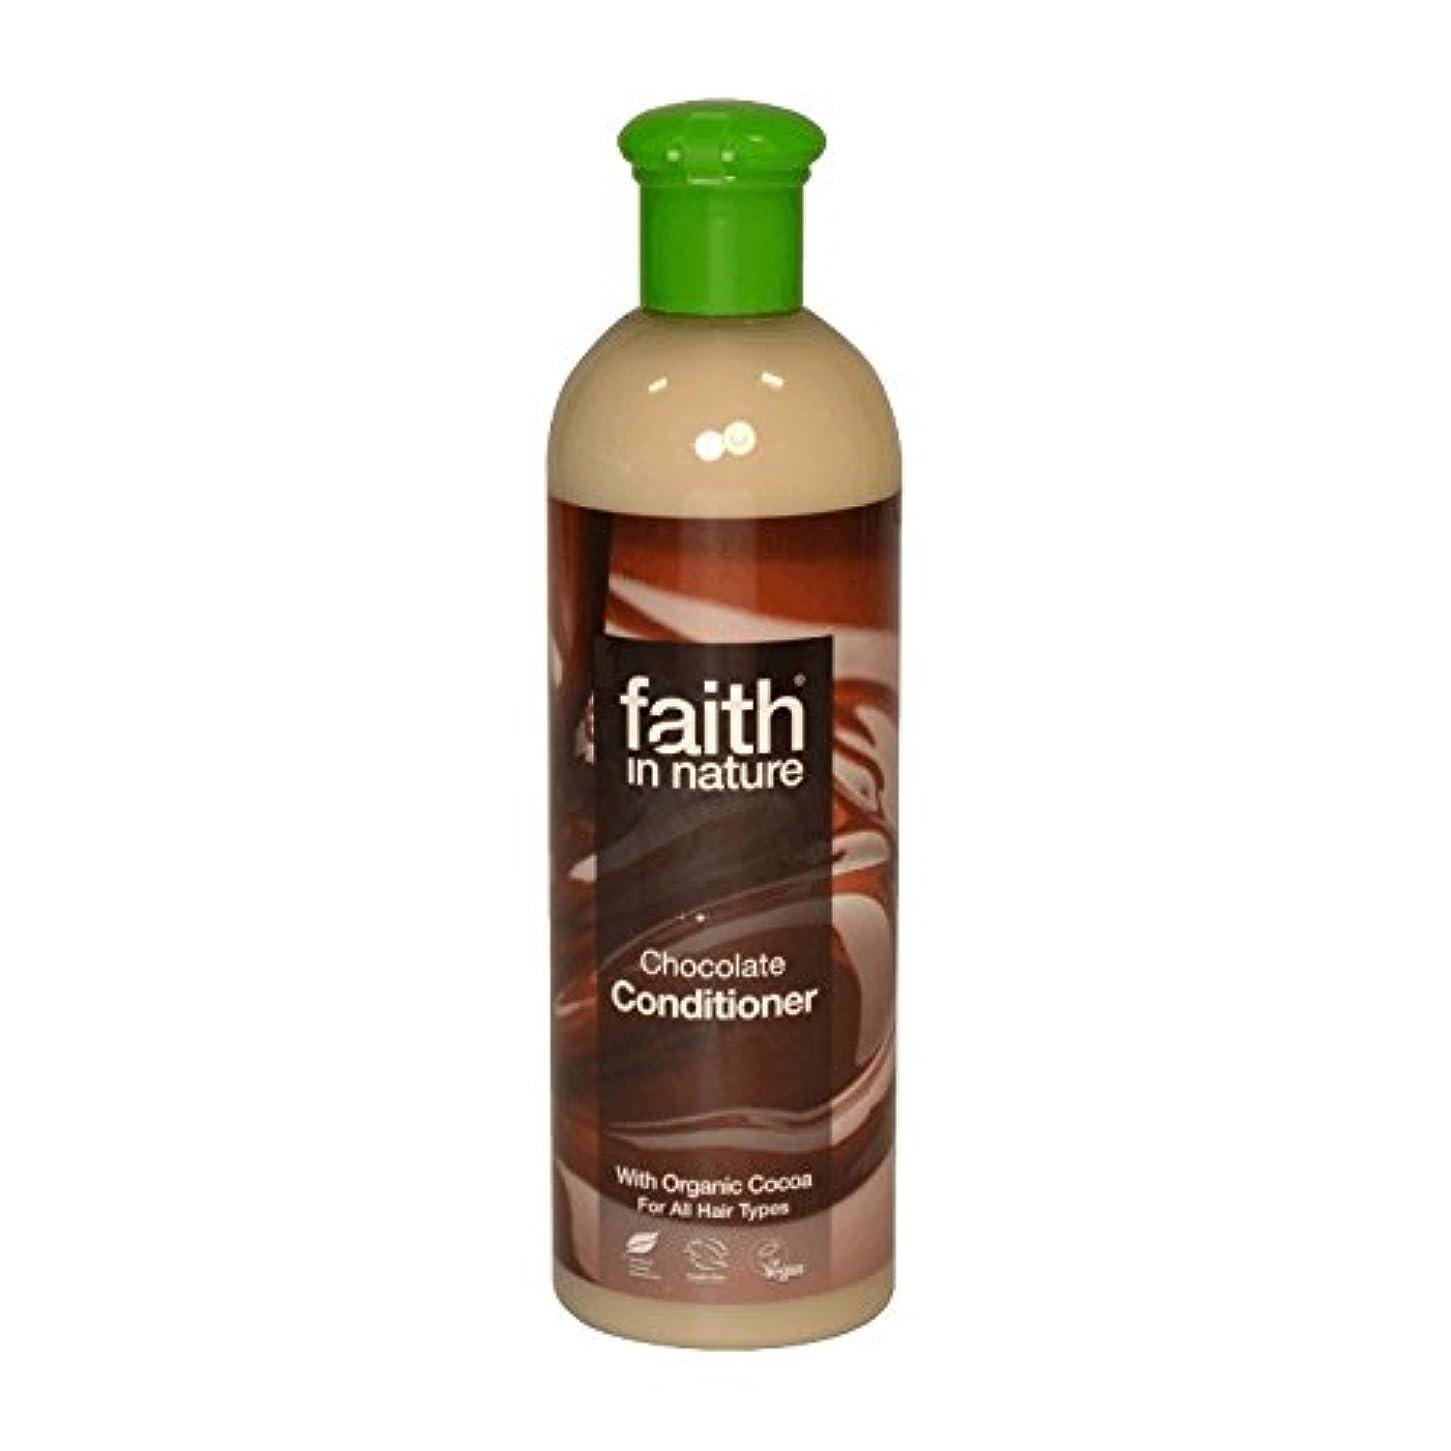 無駄アクセント決めます自然チョコレートコンディショナー400ミリリットルの信仰 - Faith In Nature Chocolate Conditioner 400ml (Faith in Nature) [並行輸入品]